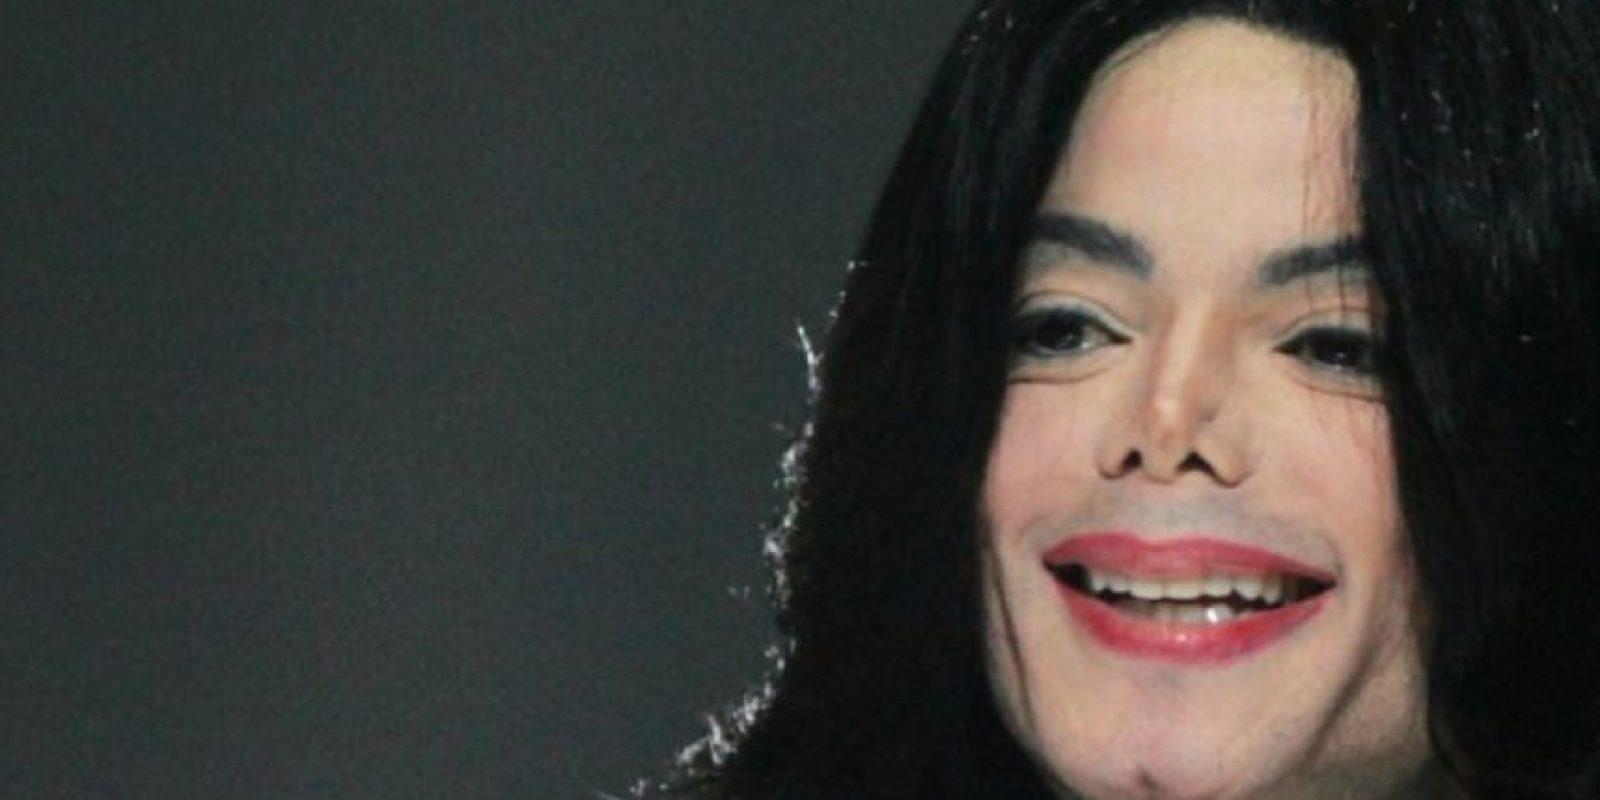 """En 2008, la predicadora ecuatoriana Angélica Zambrano Mora murió por 23 horas. Fue al infierno y vio a Michael Jackson. Supuestamente la carne se le caía en pedazos y los demonios lo hacían bailar aunque él no quisiera. """"Me habló en su idioma pero no le entendí"""", afirmó la joven, que también decía que el cantante """"suplicaba"""" por piedad. Foto:vía Getty Images"""